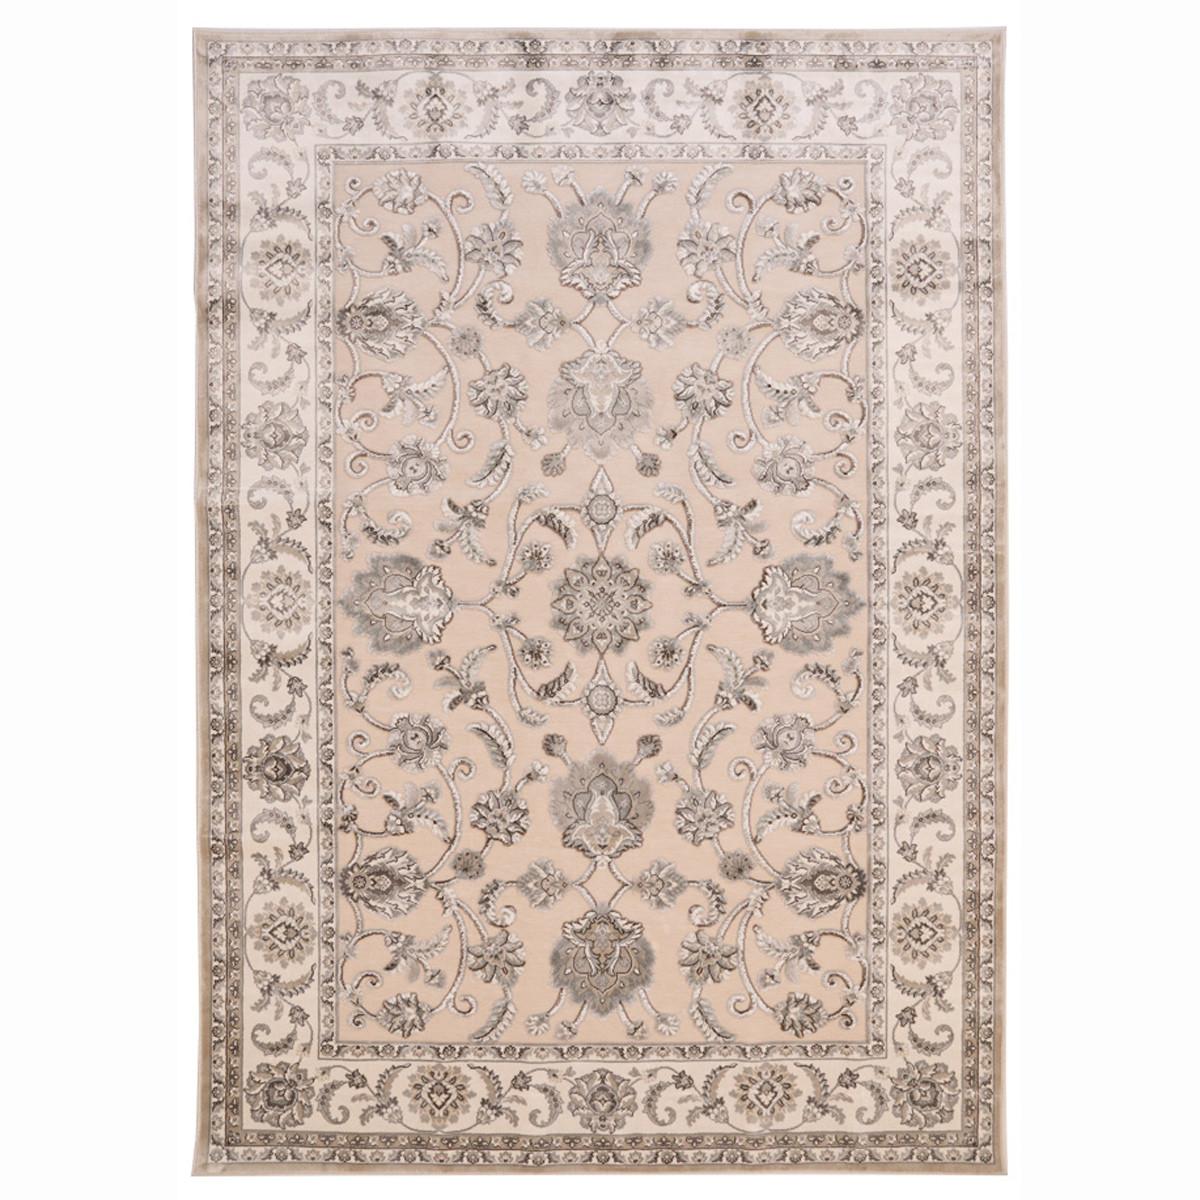 Χαλιά Κρεβατοκάμαρας (Σετ 3τμχ) Royal Carpets Tiffany 938 Ice Beige